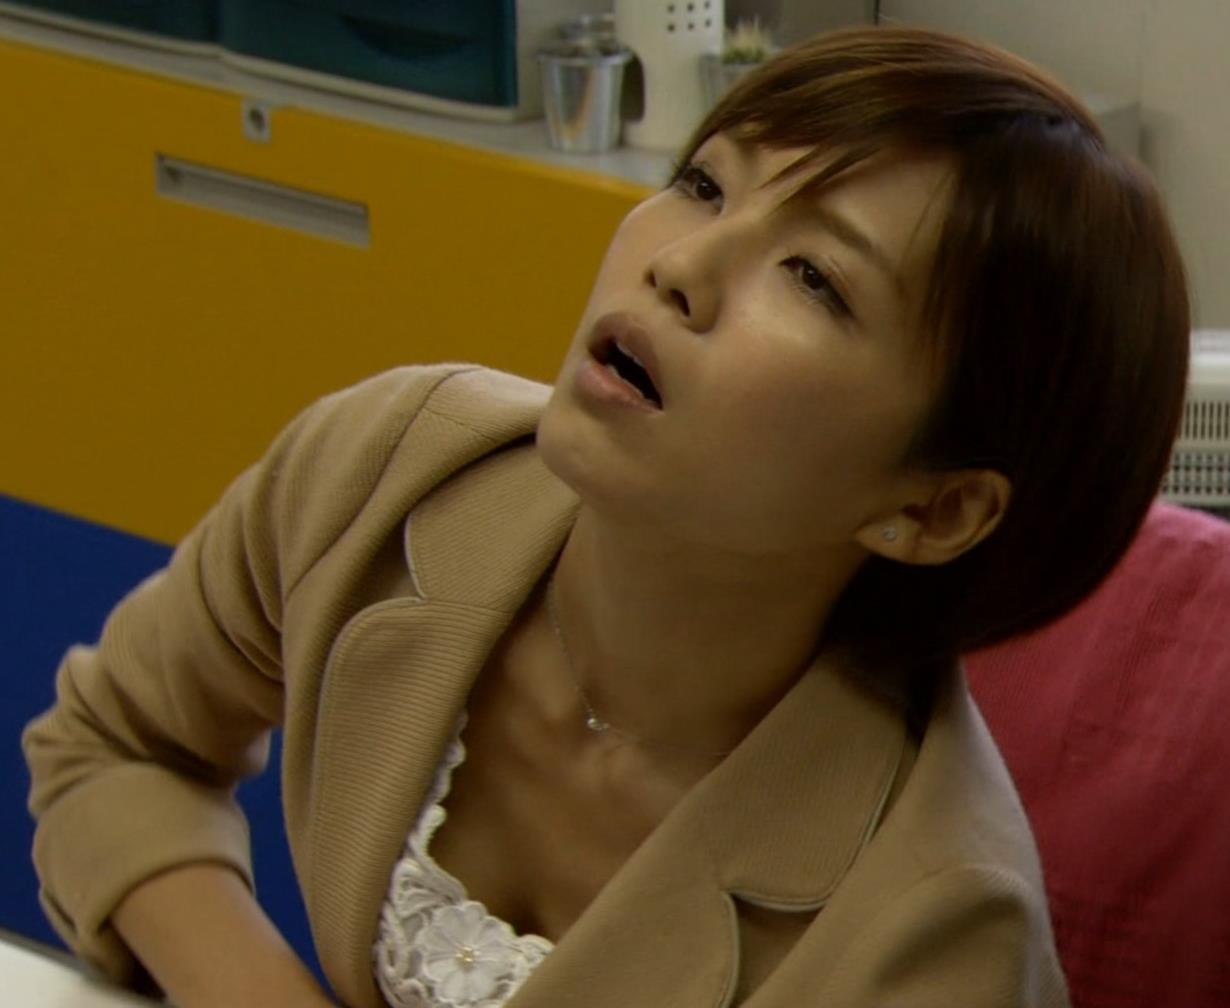 宇野実彩子 (AAA) 前かがみ胸ちらキャプ画像(エロ・アイコラ画像)